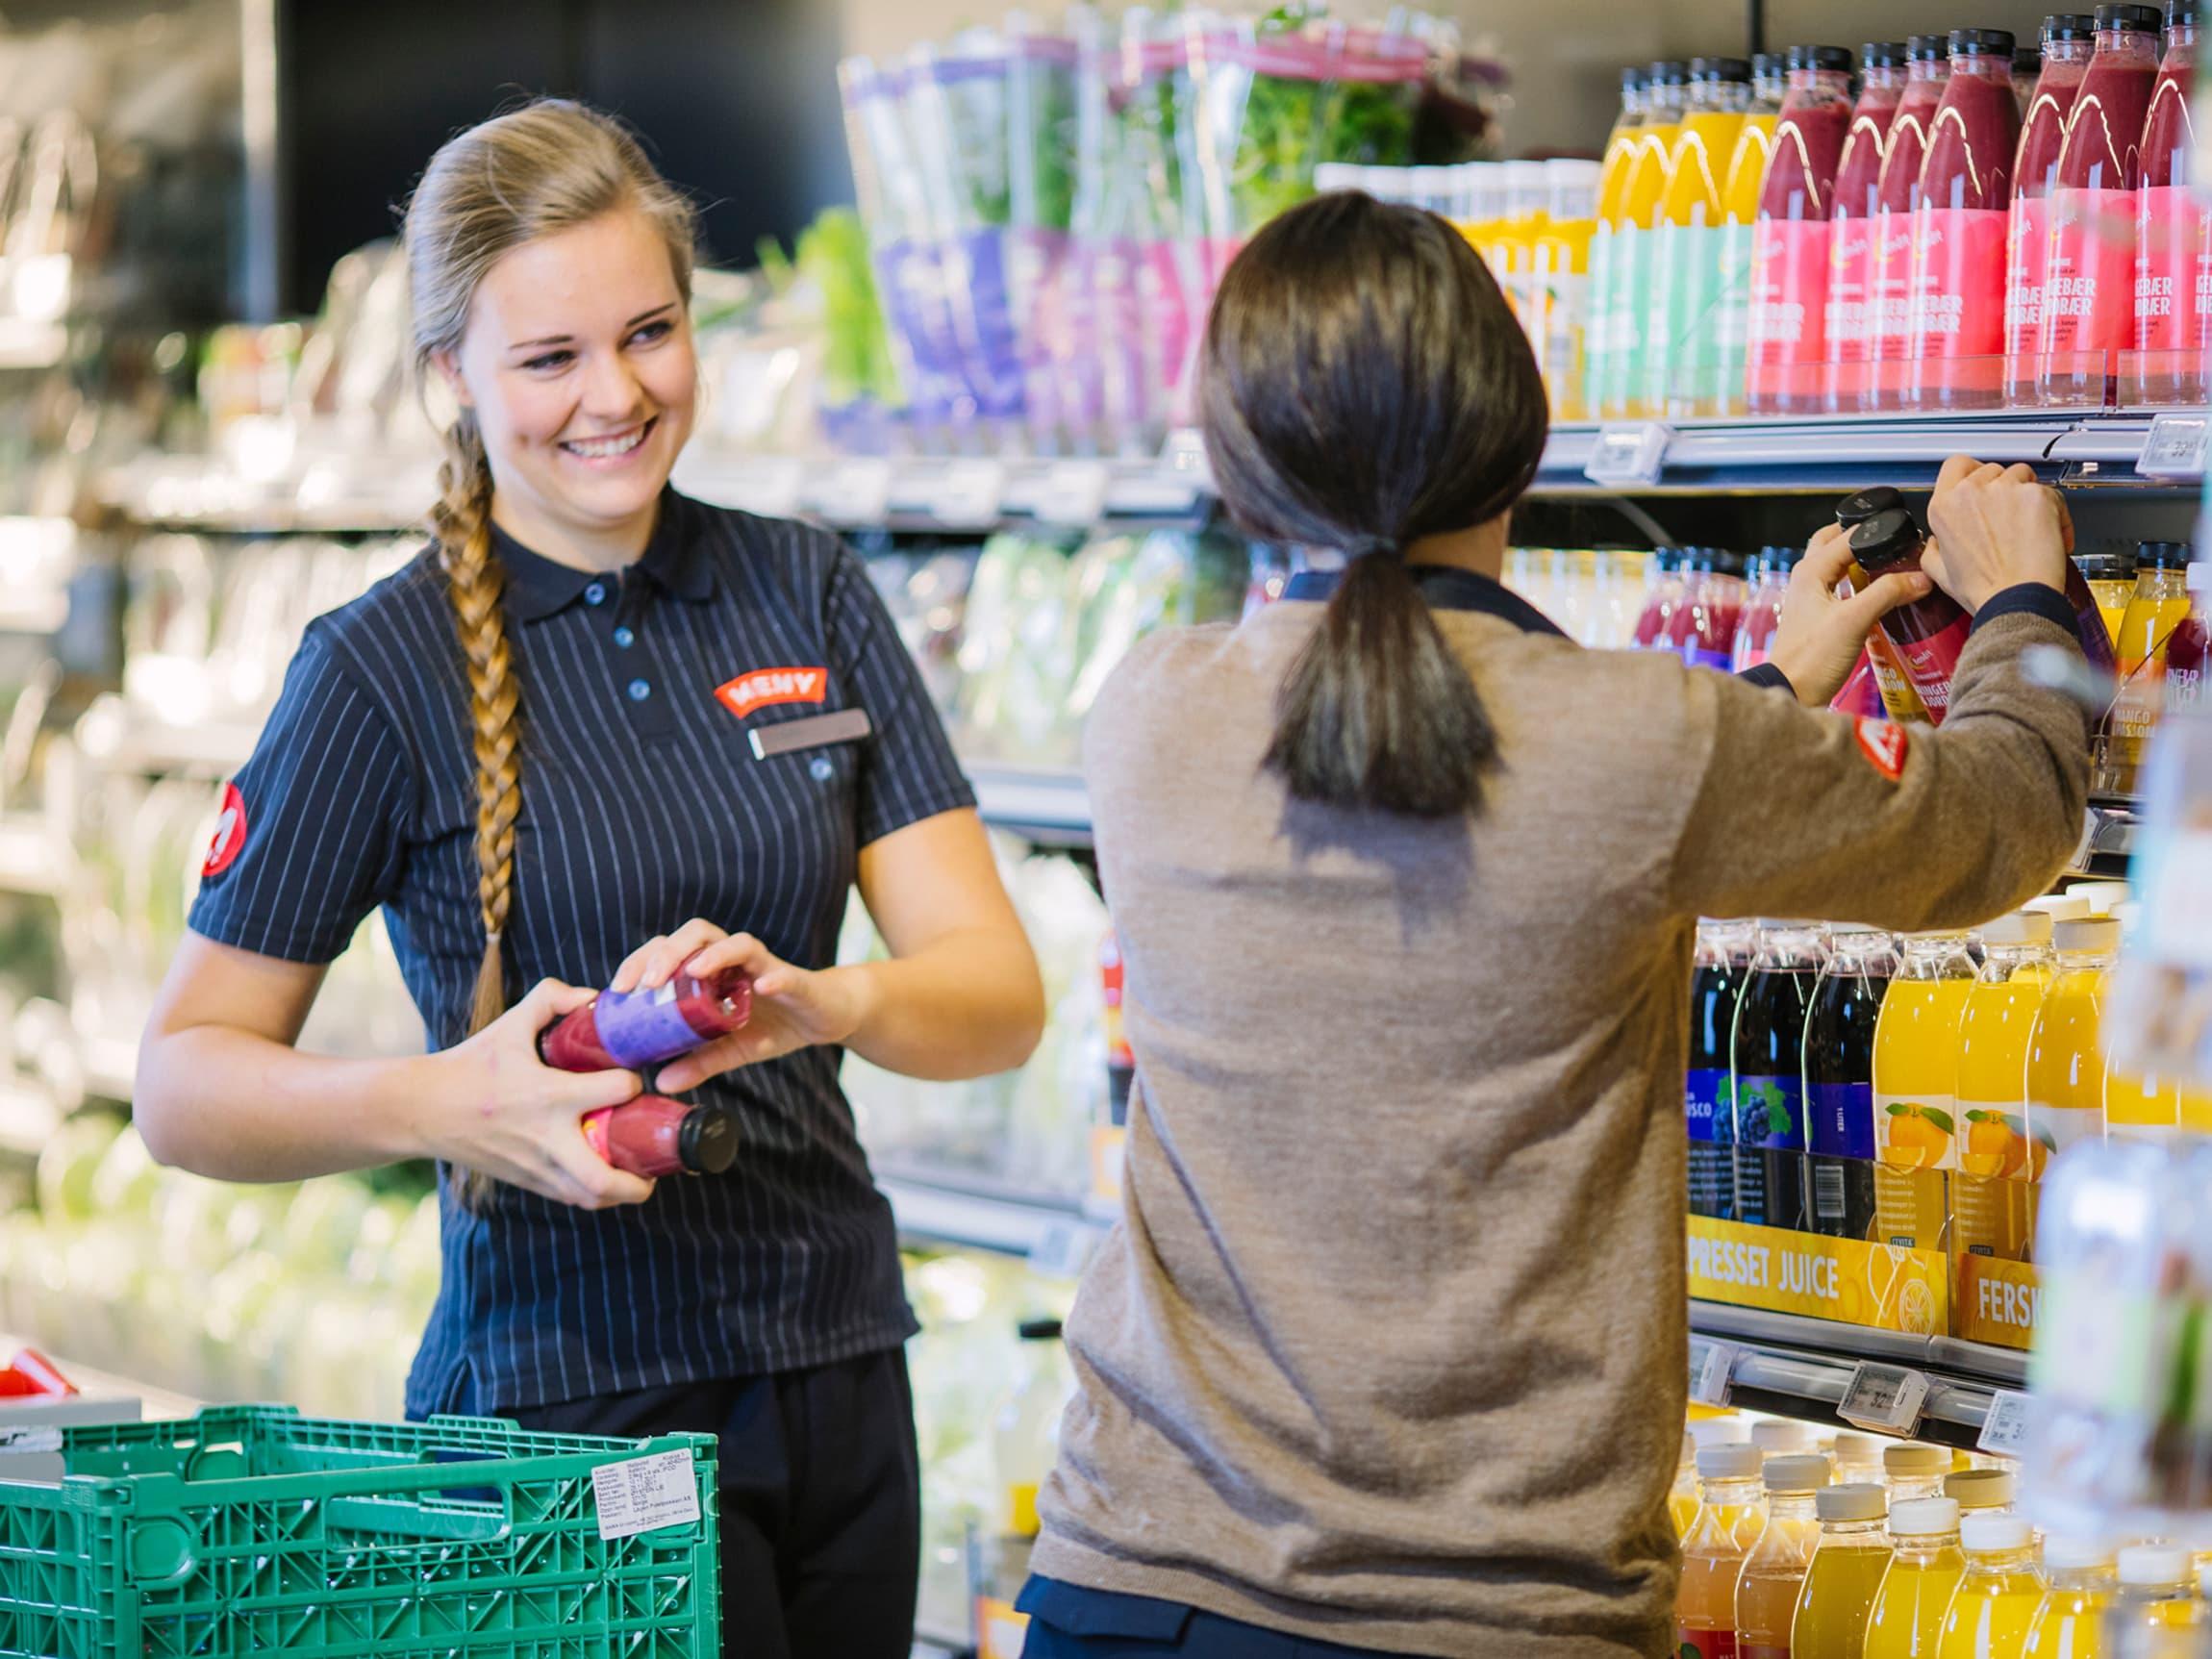 Godt arbeidsmiljø er viktig, derfor gjennomføres årlige medarbeiderundersøkelser og det jobbes for å få flere lærlinger og arbeidspraksisplasser i butikkene, og økt kvinneandel i ledende stillinger.